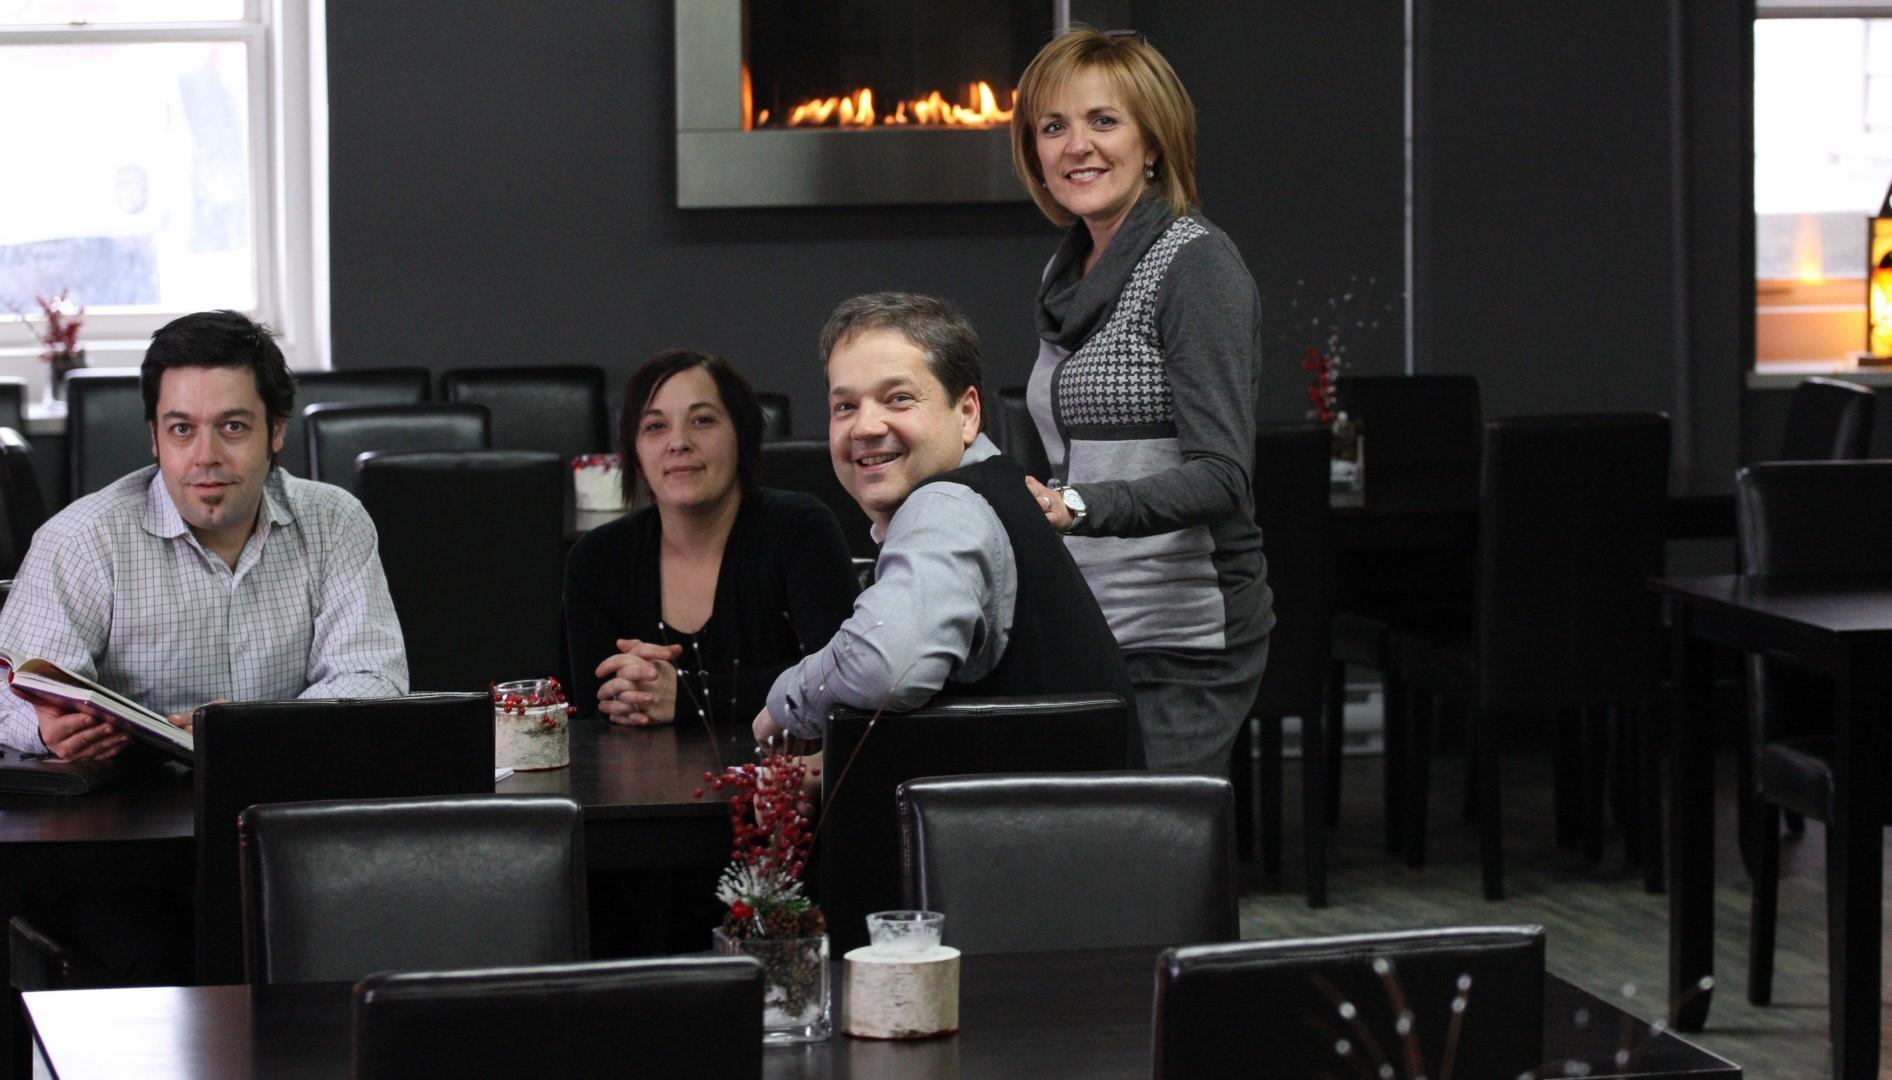 Nouveaux propriétaires au restaurant Secteur S du LAB lieu de création - EnBeauce.com